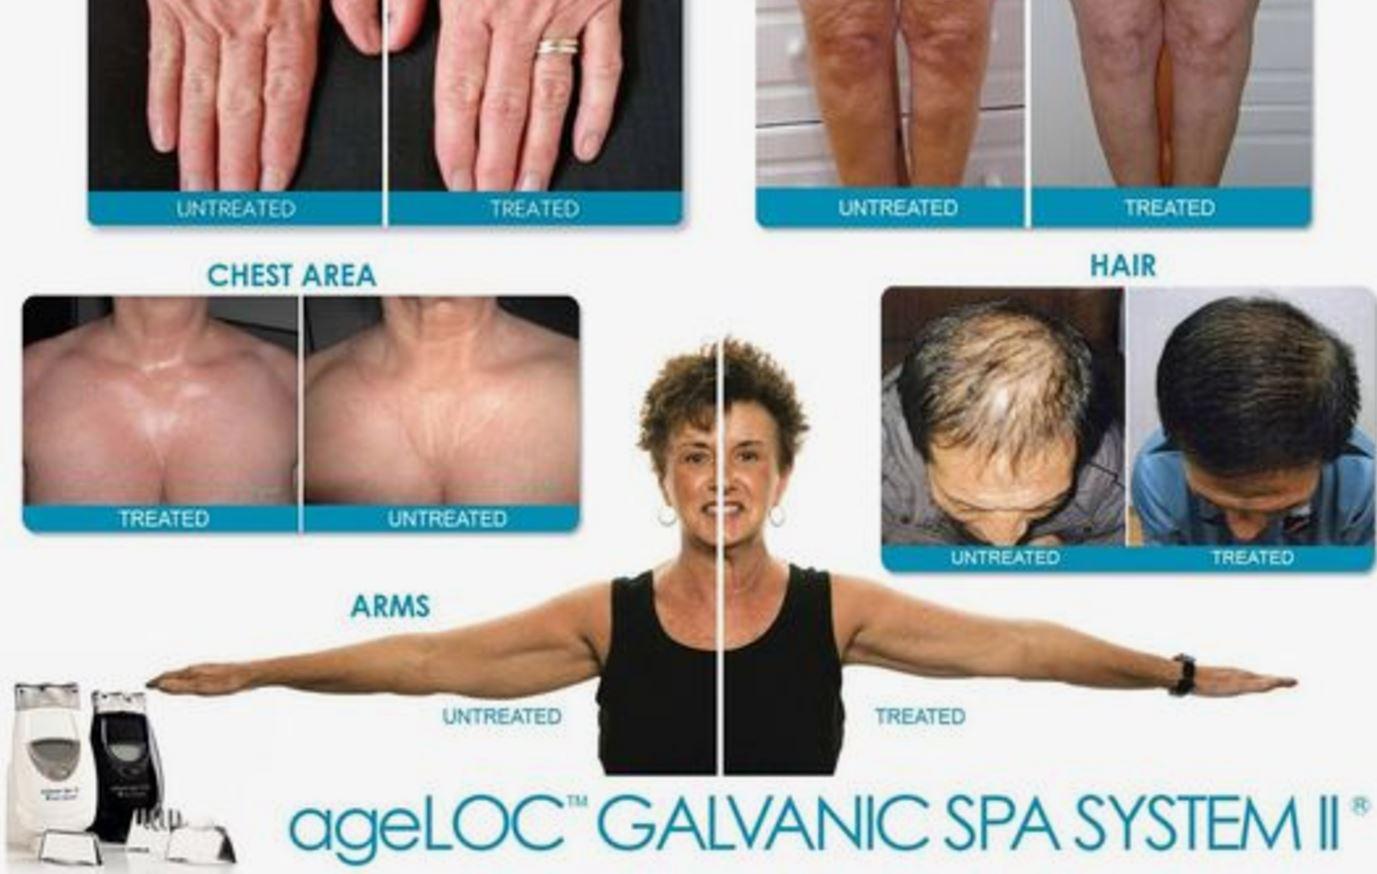 galvanic ageloc